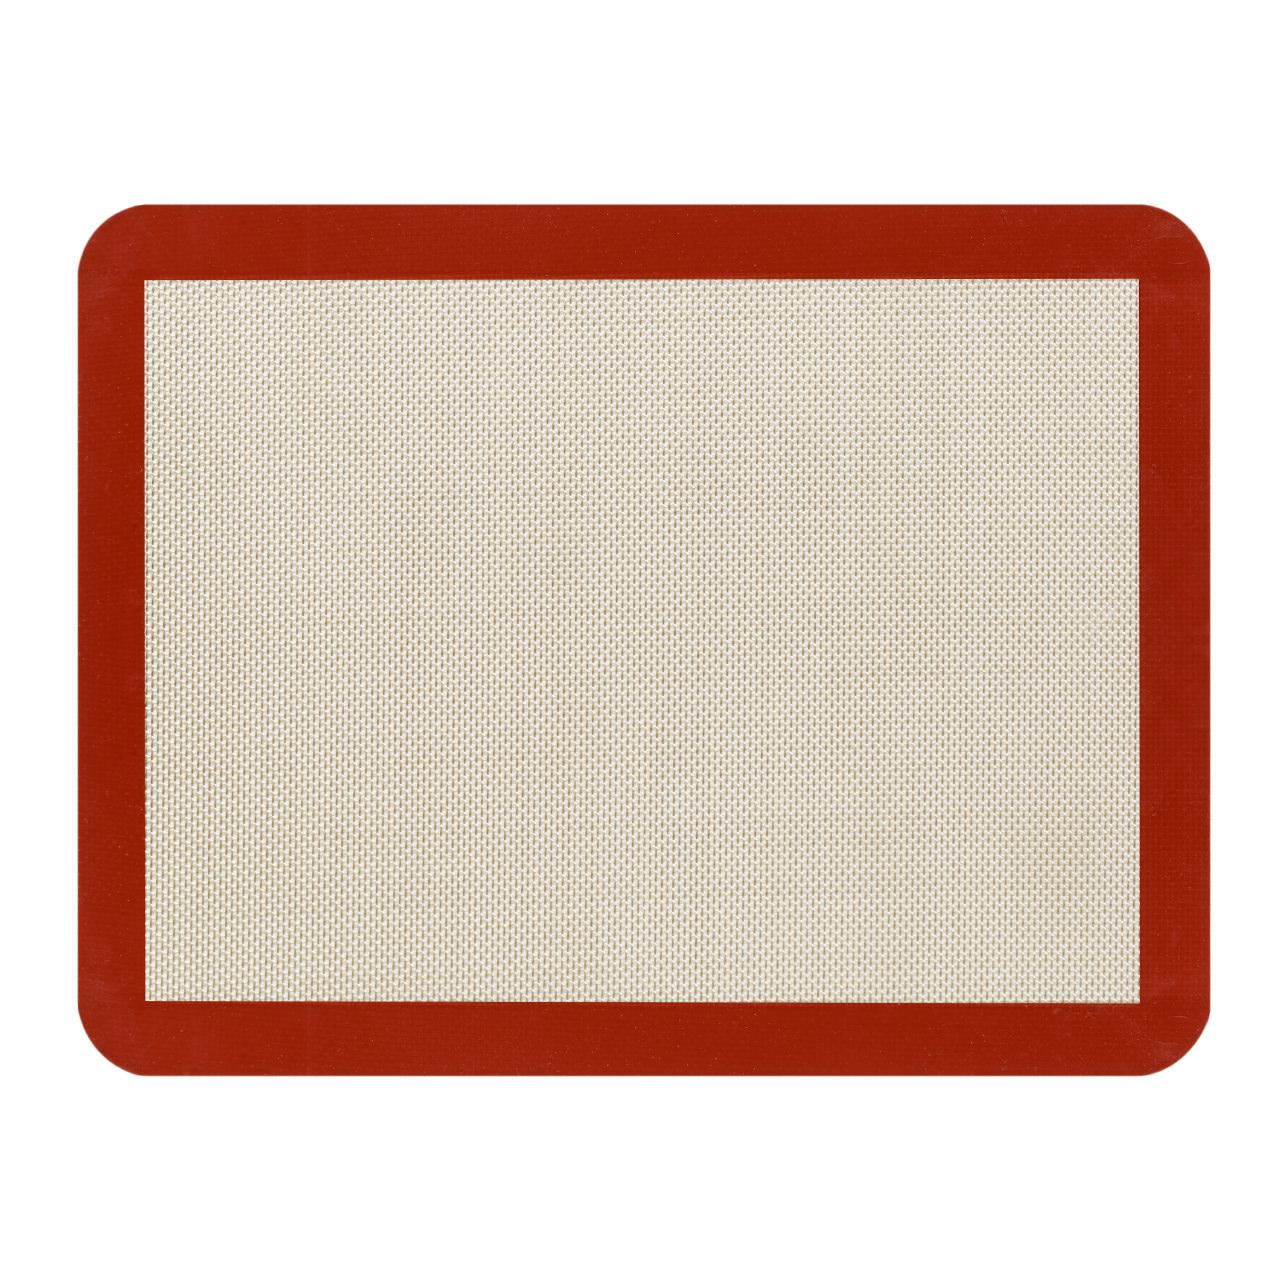 Силиконовый коврик 27.5х31.5 см для выпечки